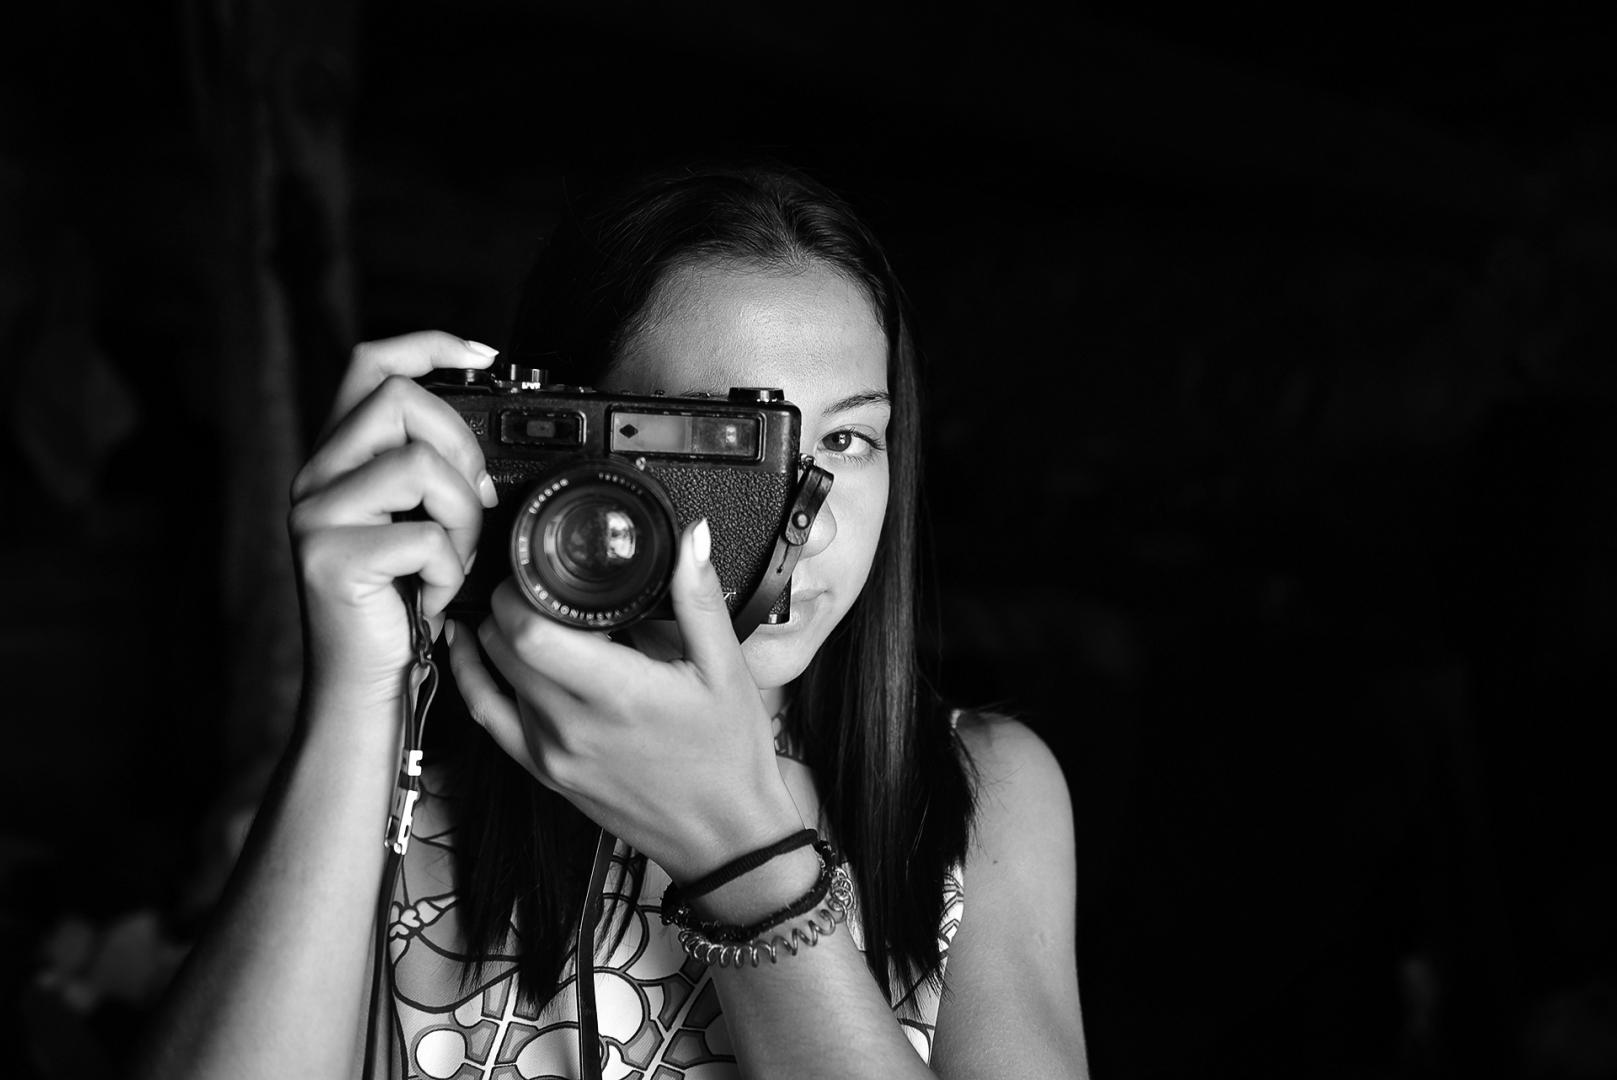 Retratos/Who am I?